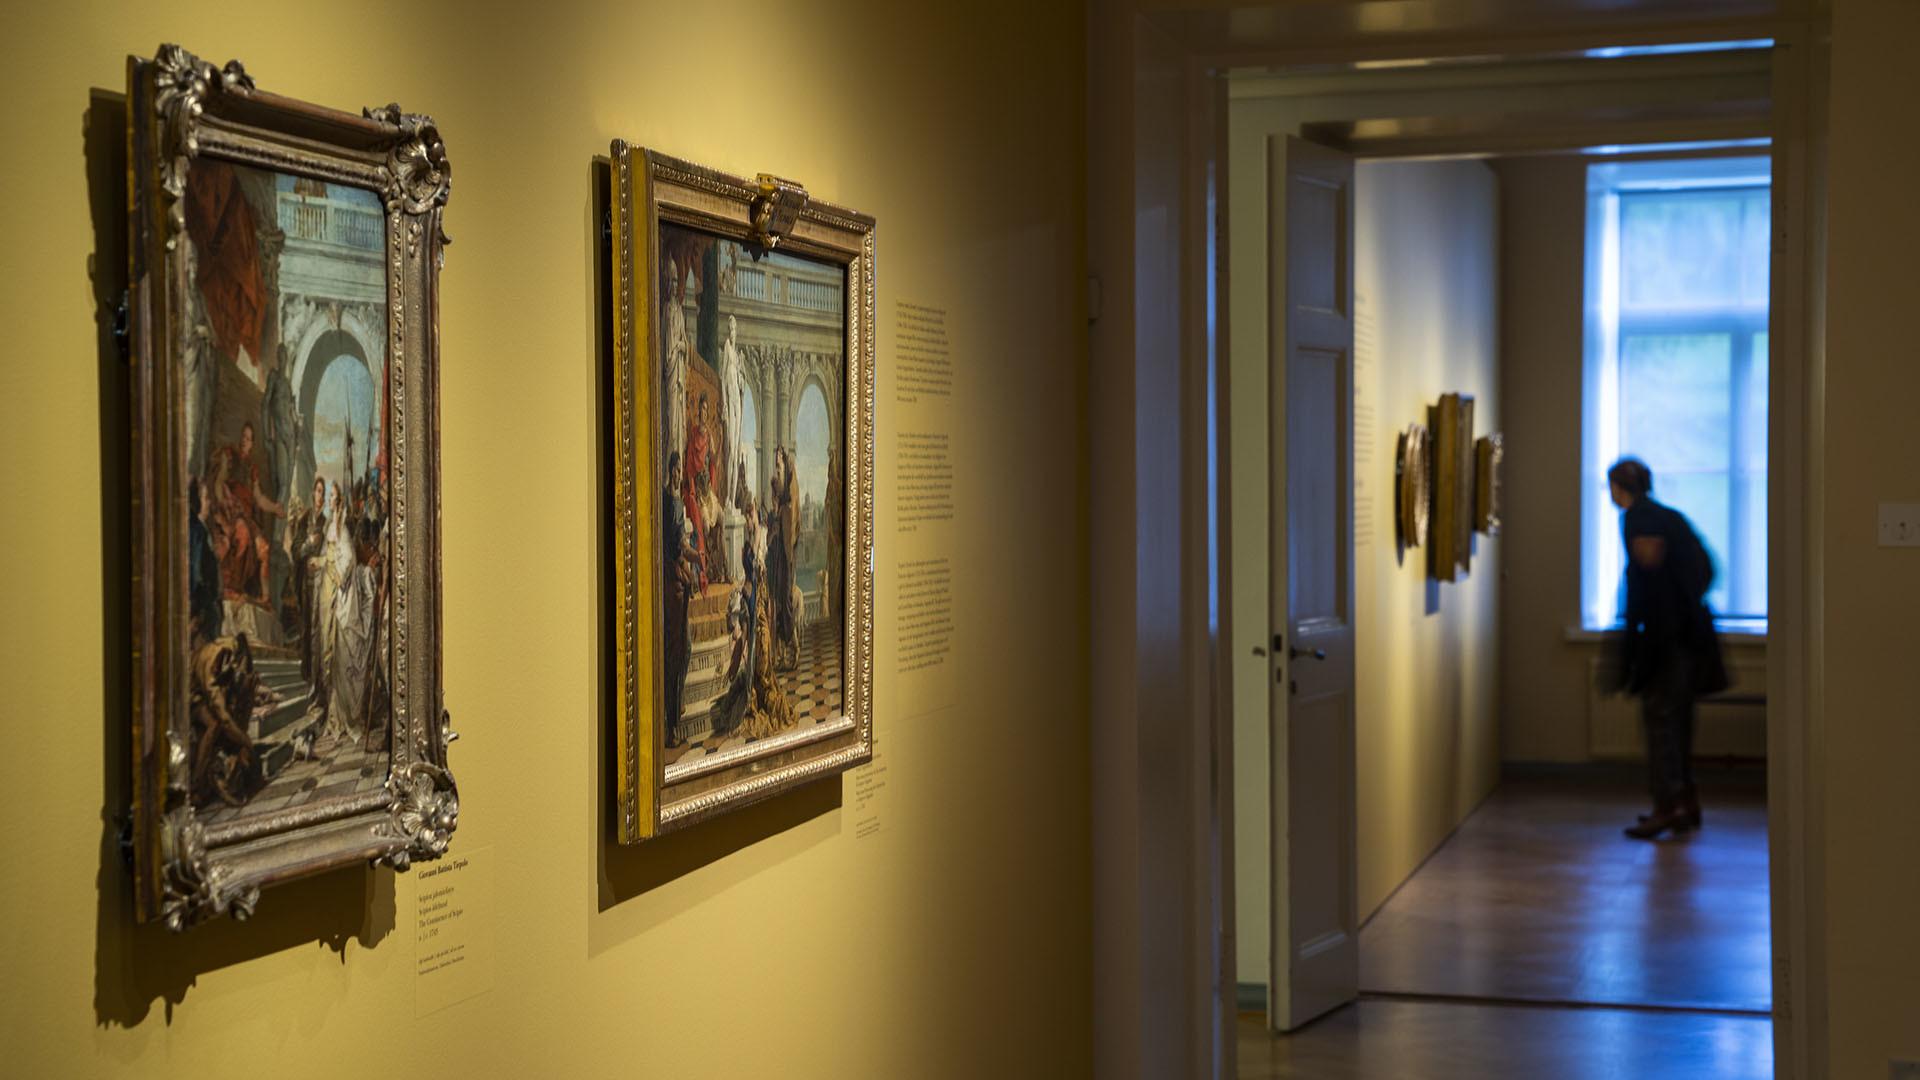 Käytävä, johon on ripustettu maalauksia. Kuvan taka-alalla näyttelyvieras tutkii taulua.